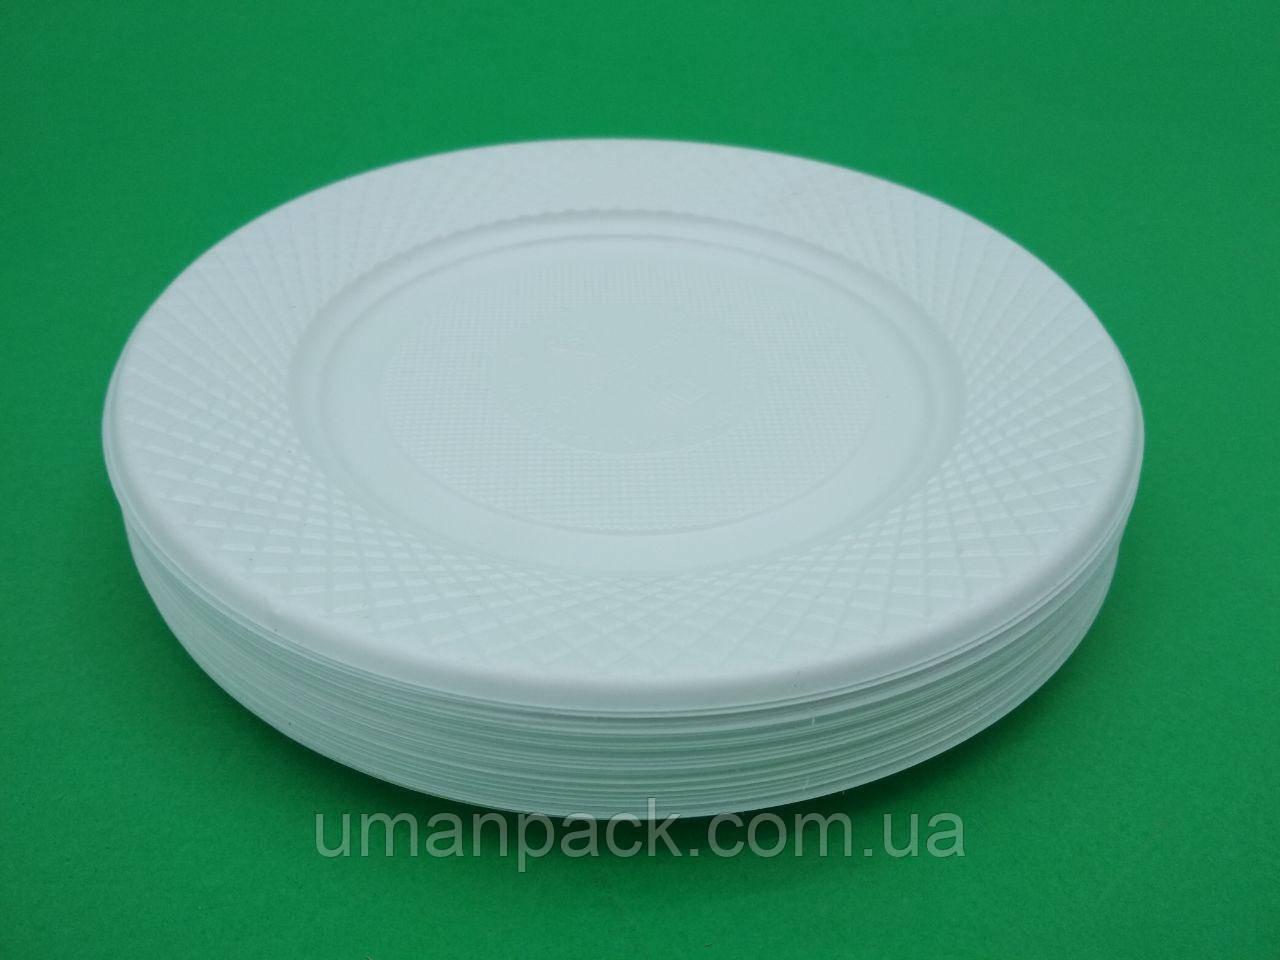 Одноразова тарілка дисертная , дрібна 172мм (50 шт)